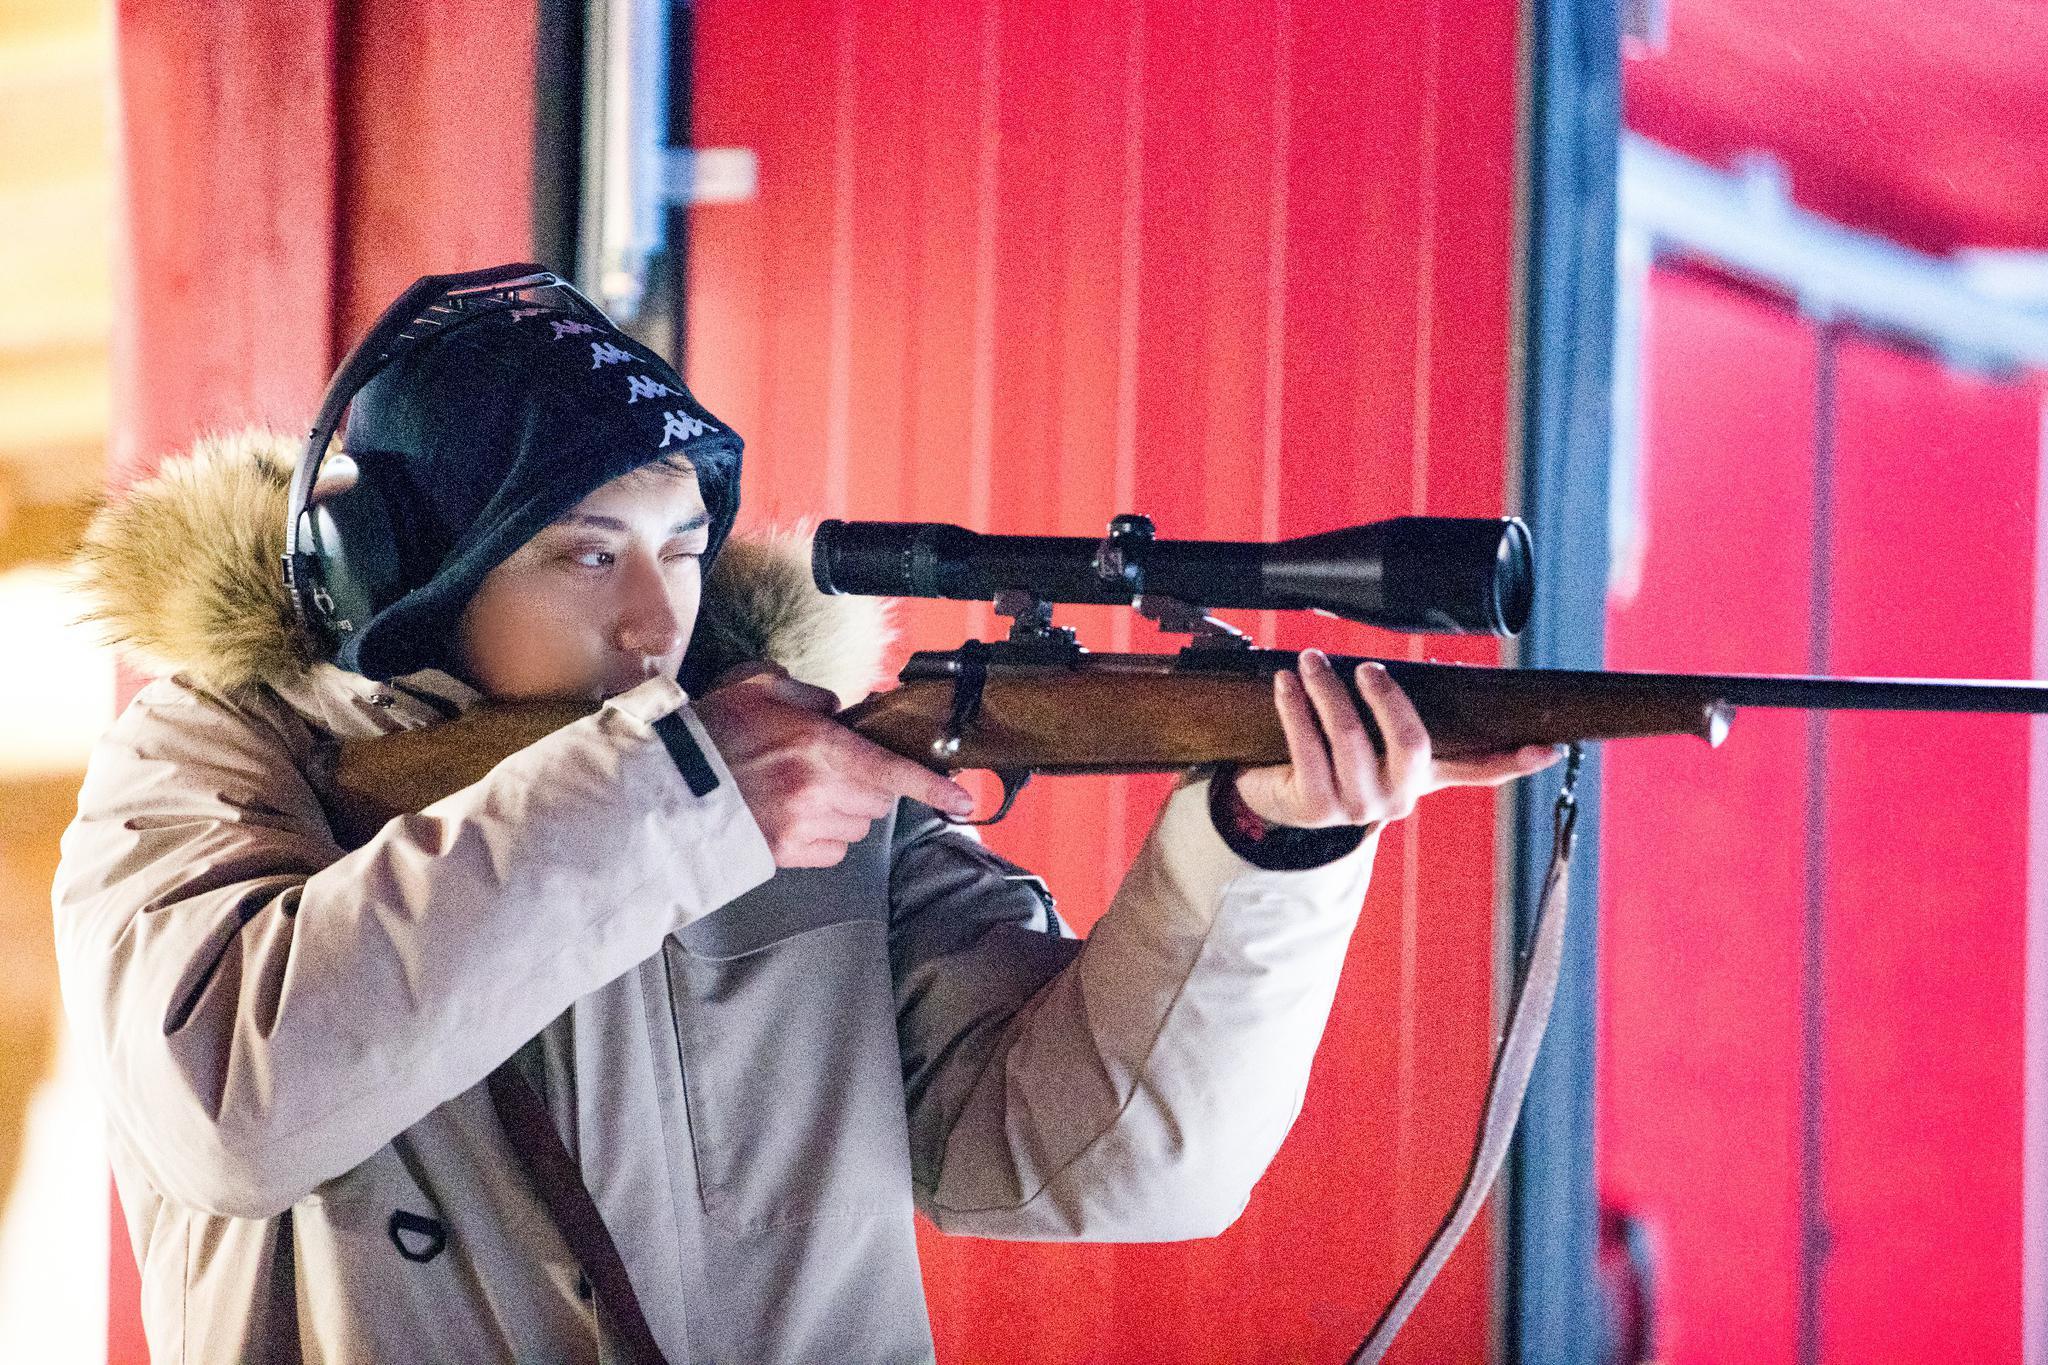 《小小的追球》黄子韬极地射击遭滑铁卢,周冬雨谈获影后是运气好